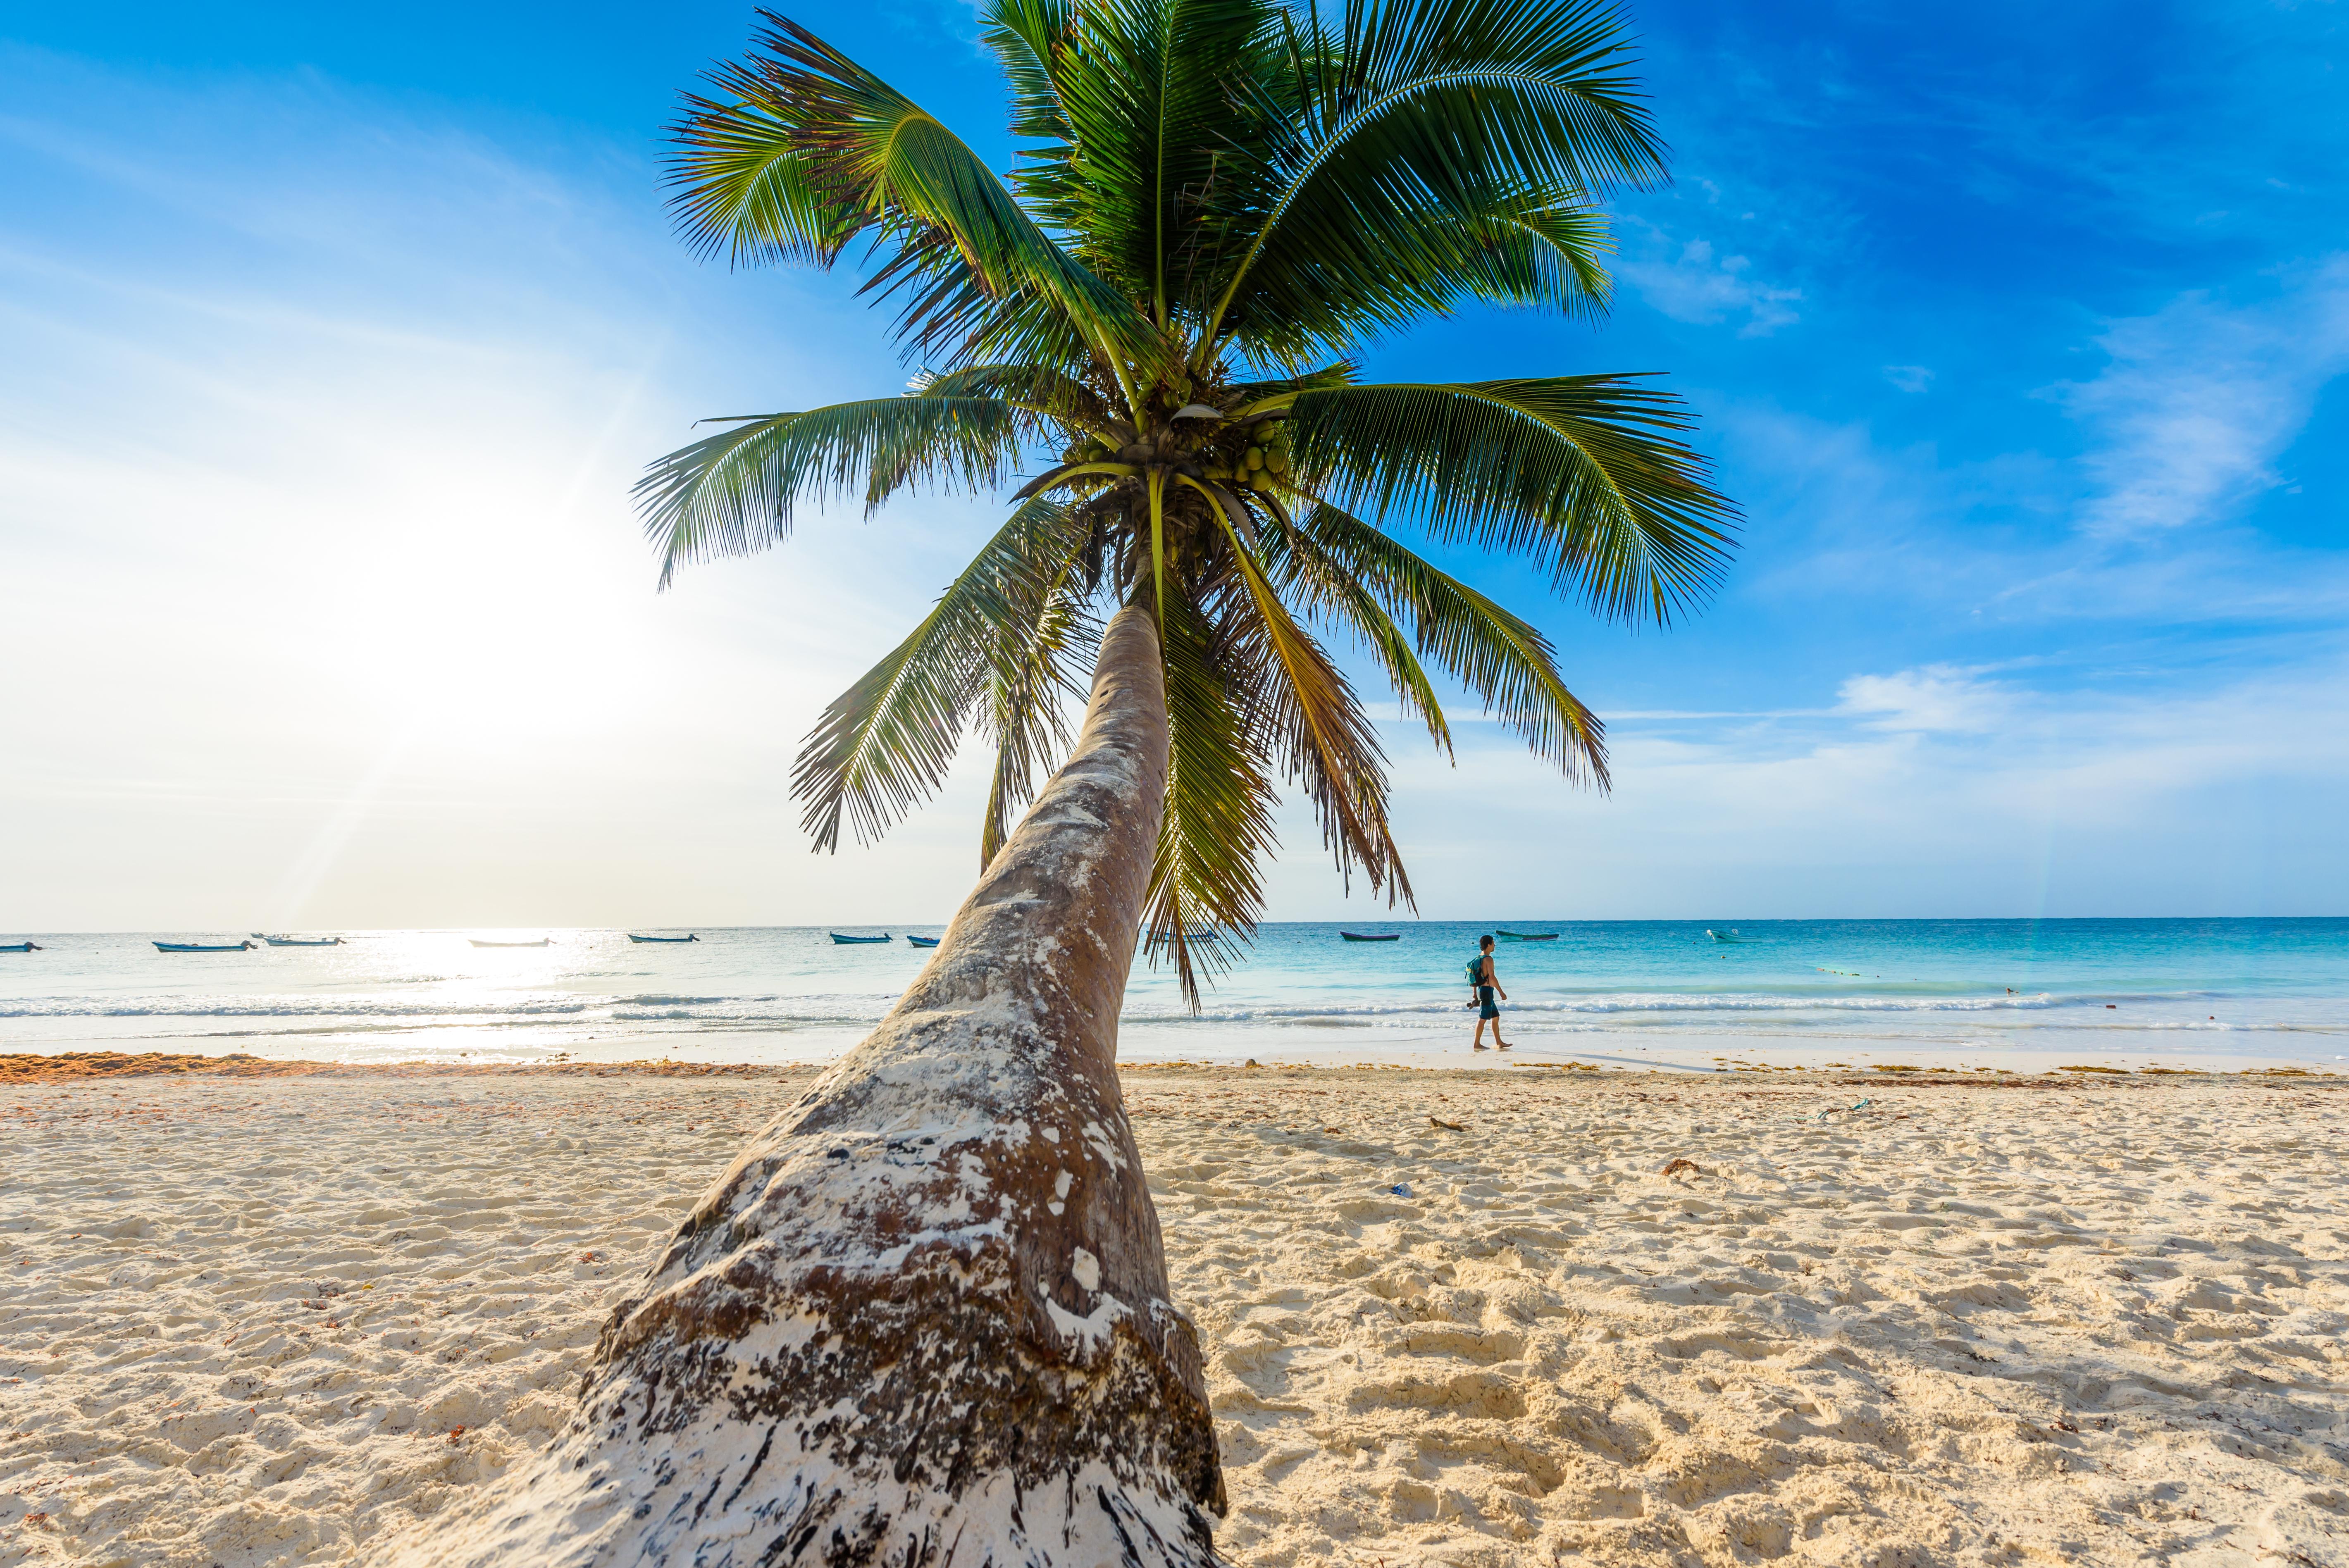 Playa Paraíso en la Riviera Maya es un destino de playa por excelencia para los viajeros que buscan la perfección. Impresionantes arenas blancas y brillantes aguas color verde azulado se combinan para crear una playa diferente a otras en México